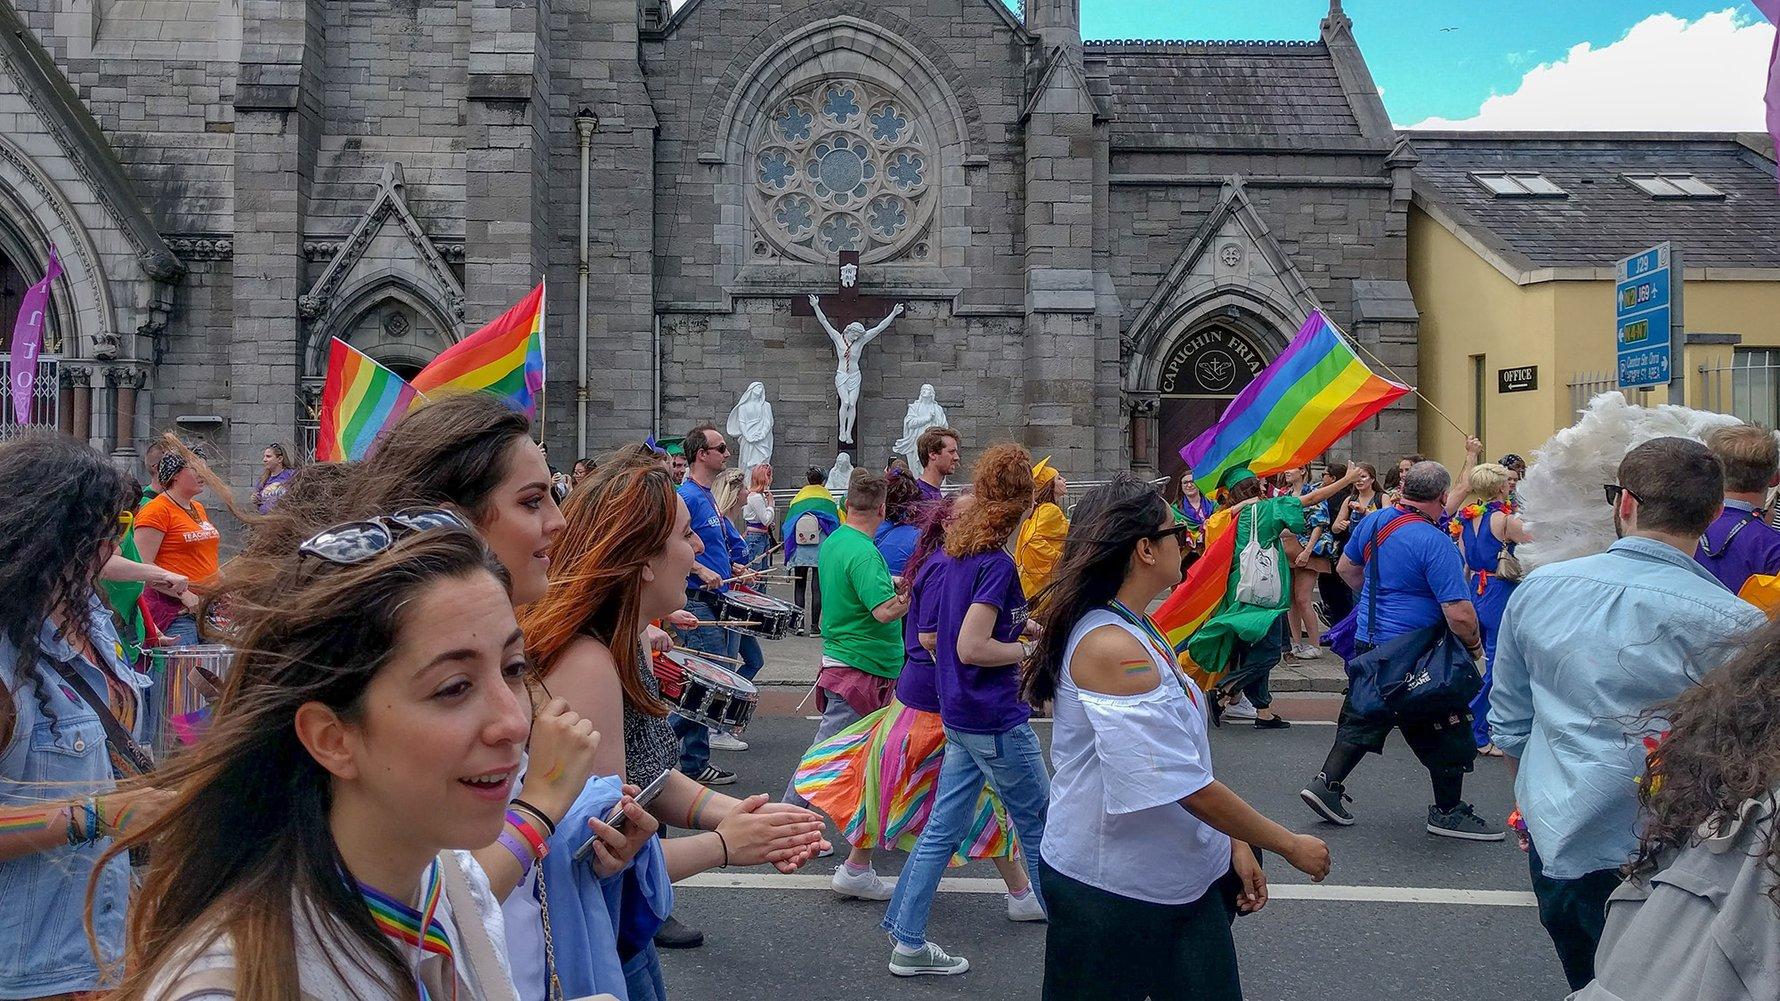 © Ranieri Pieper Shutterstock.com Dublin gay pride